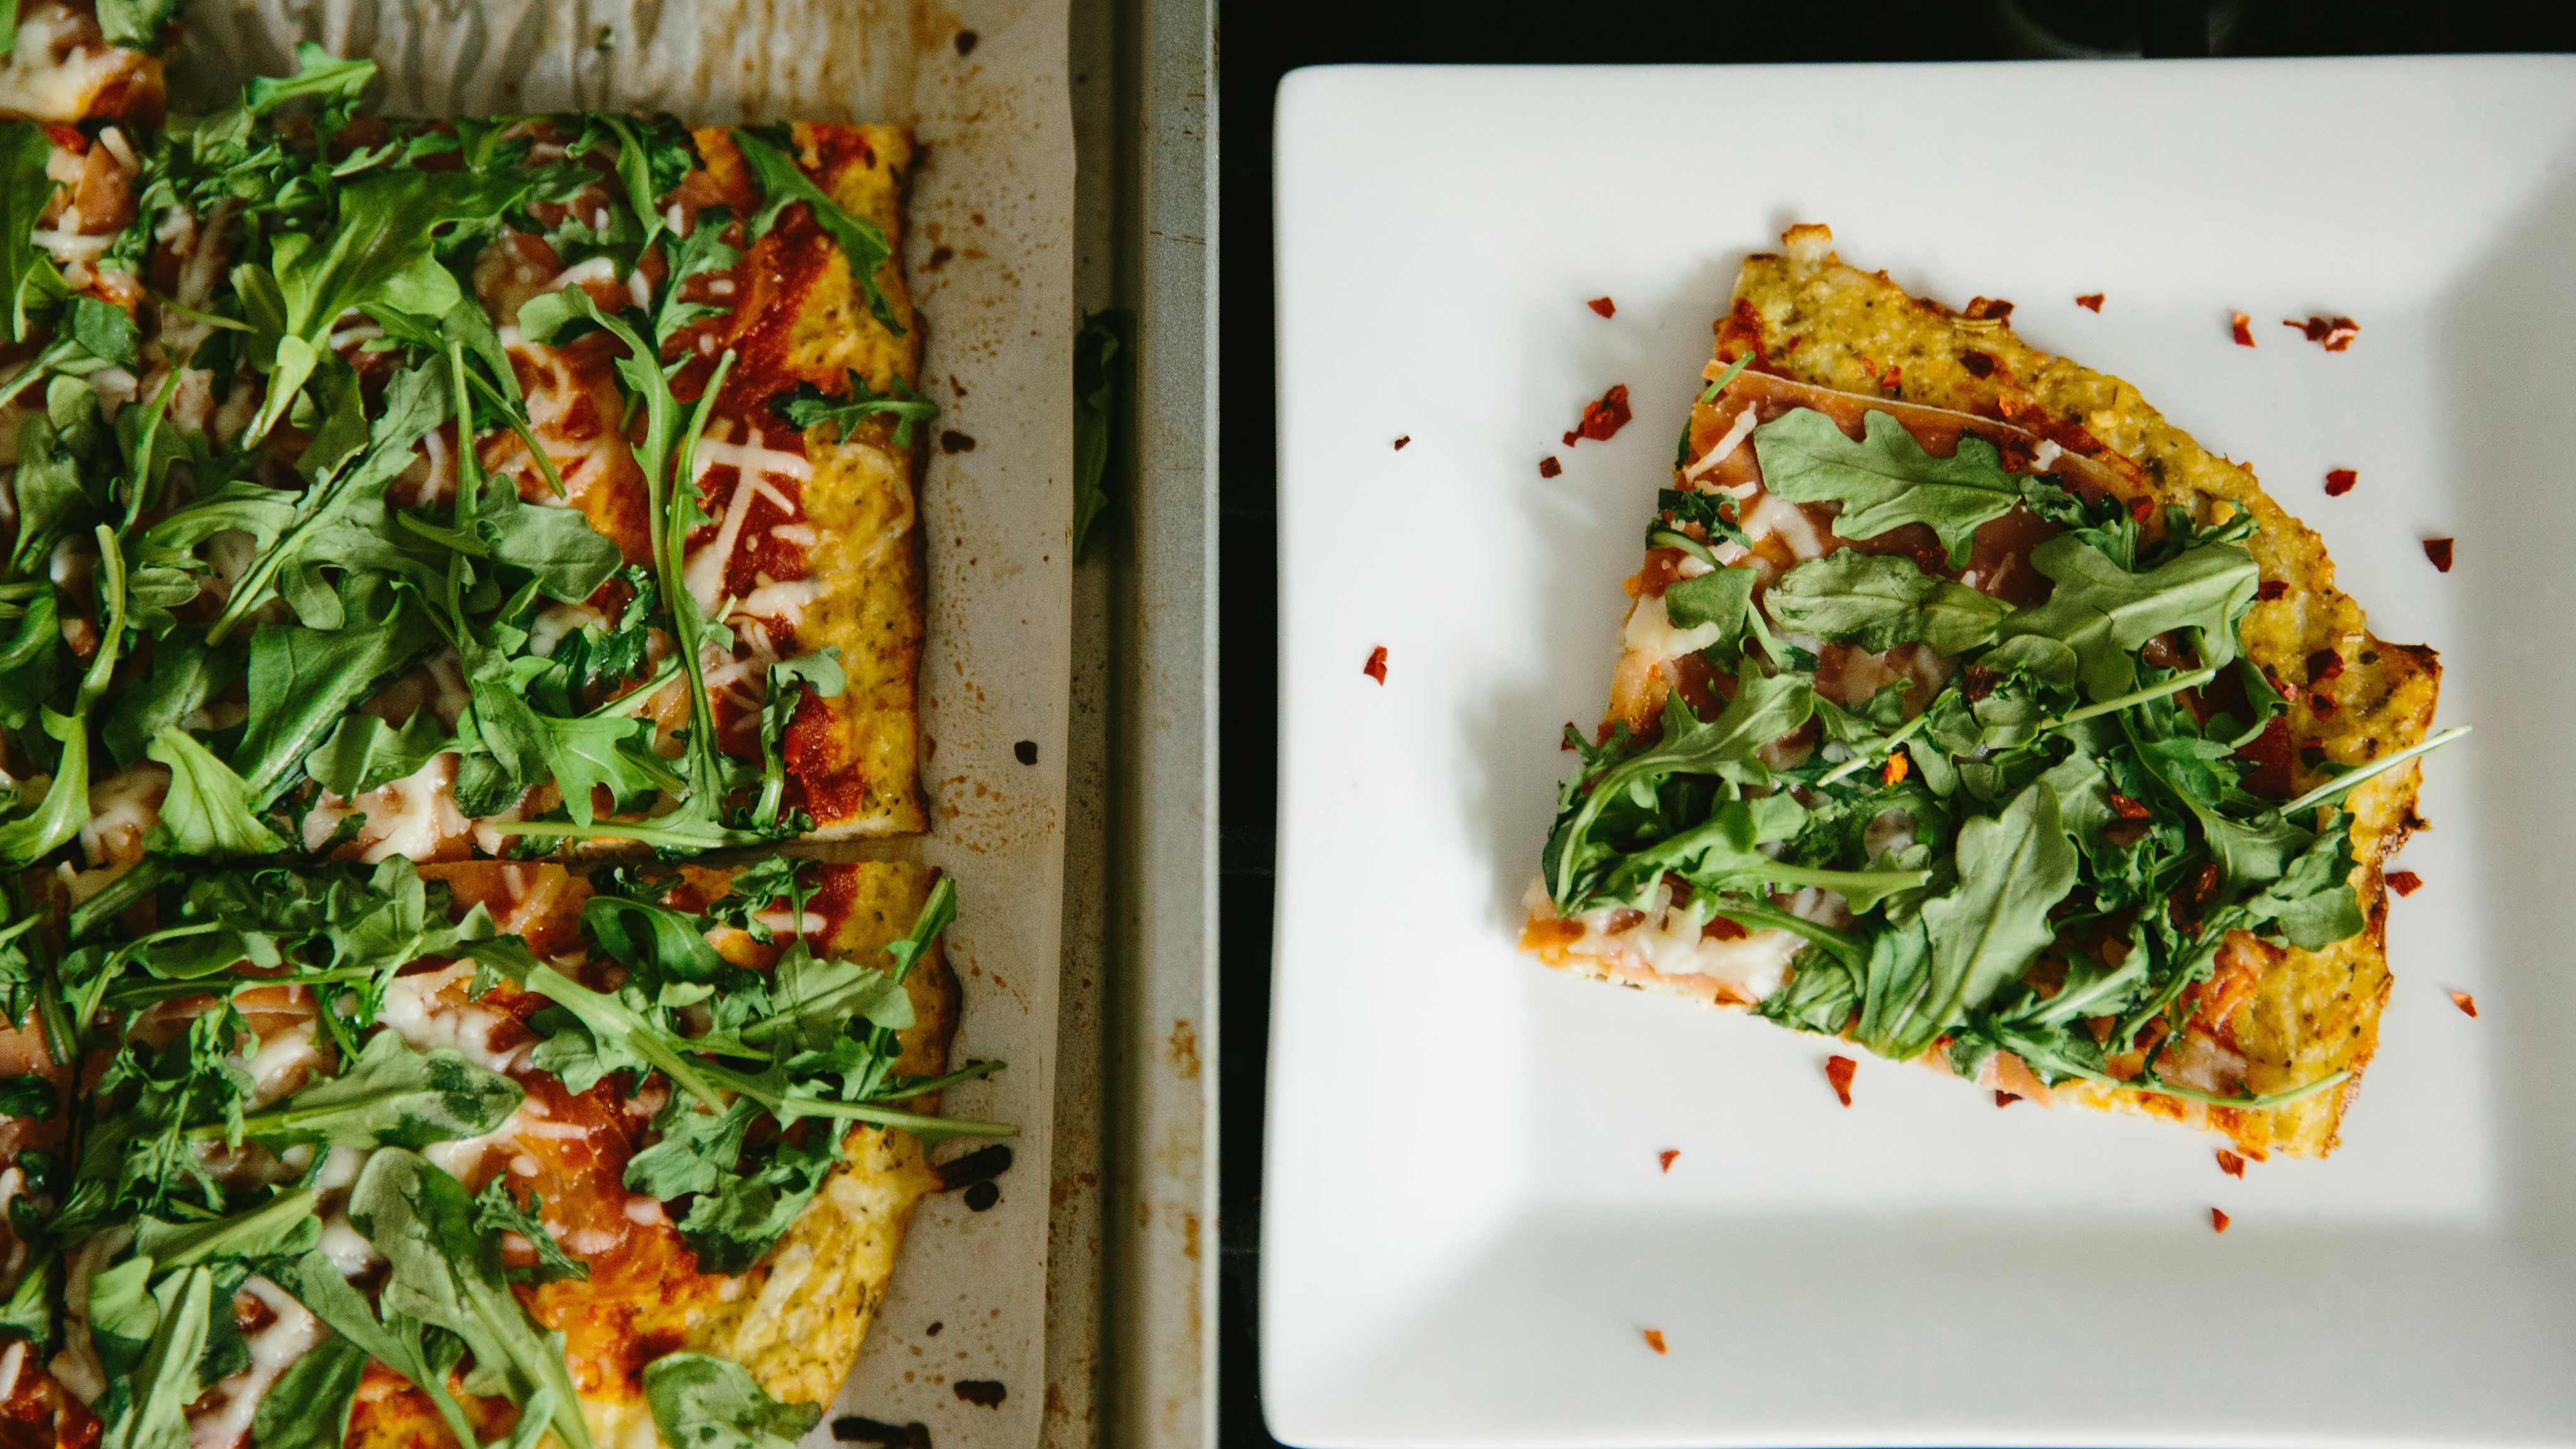 Image for Recipe Cauliflower Pizza with Prosciutto and Arugula